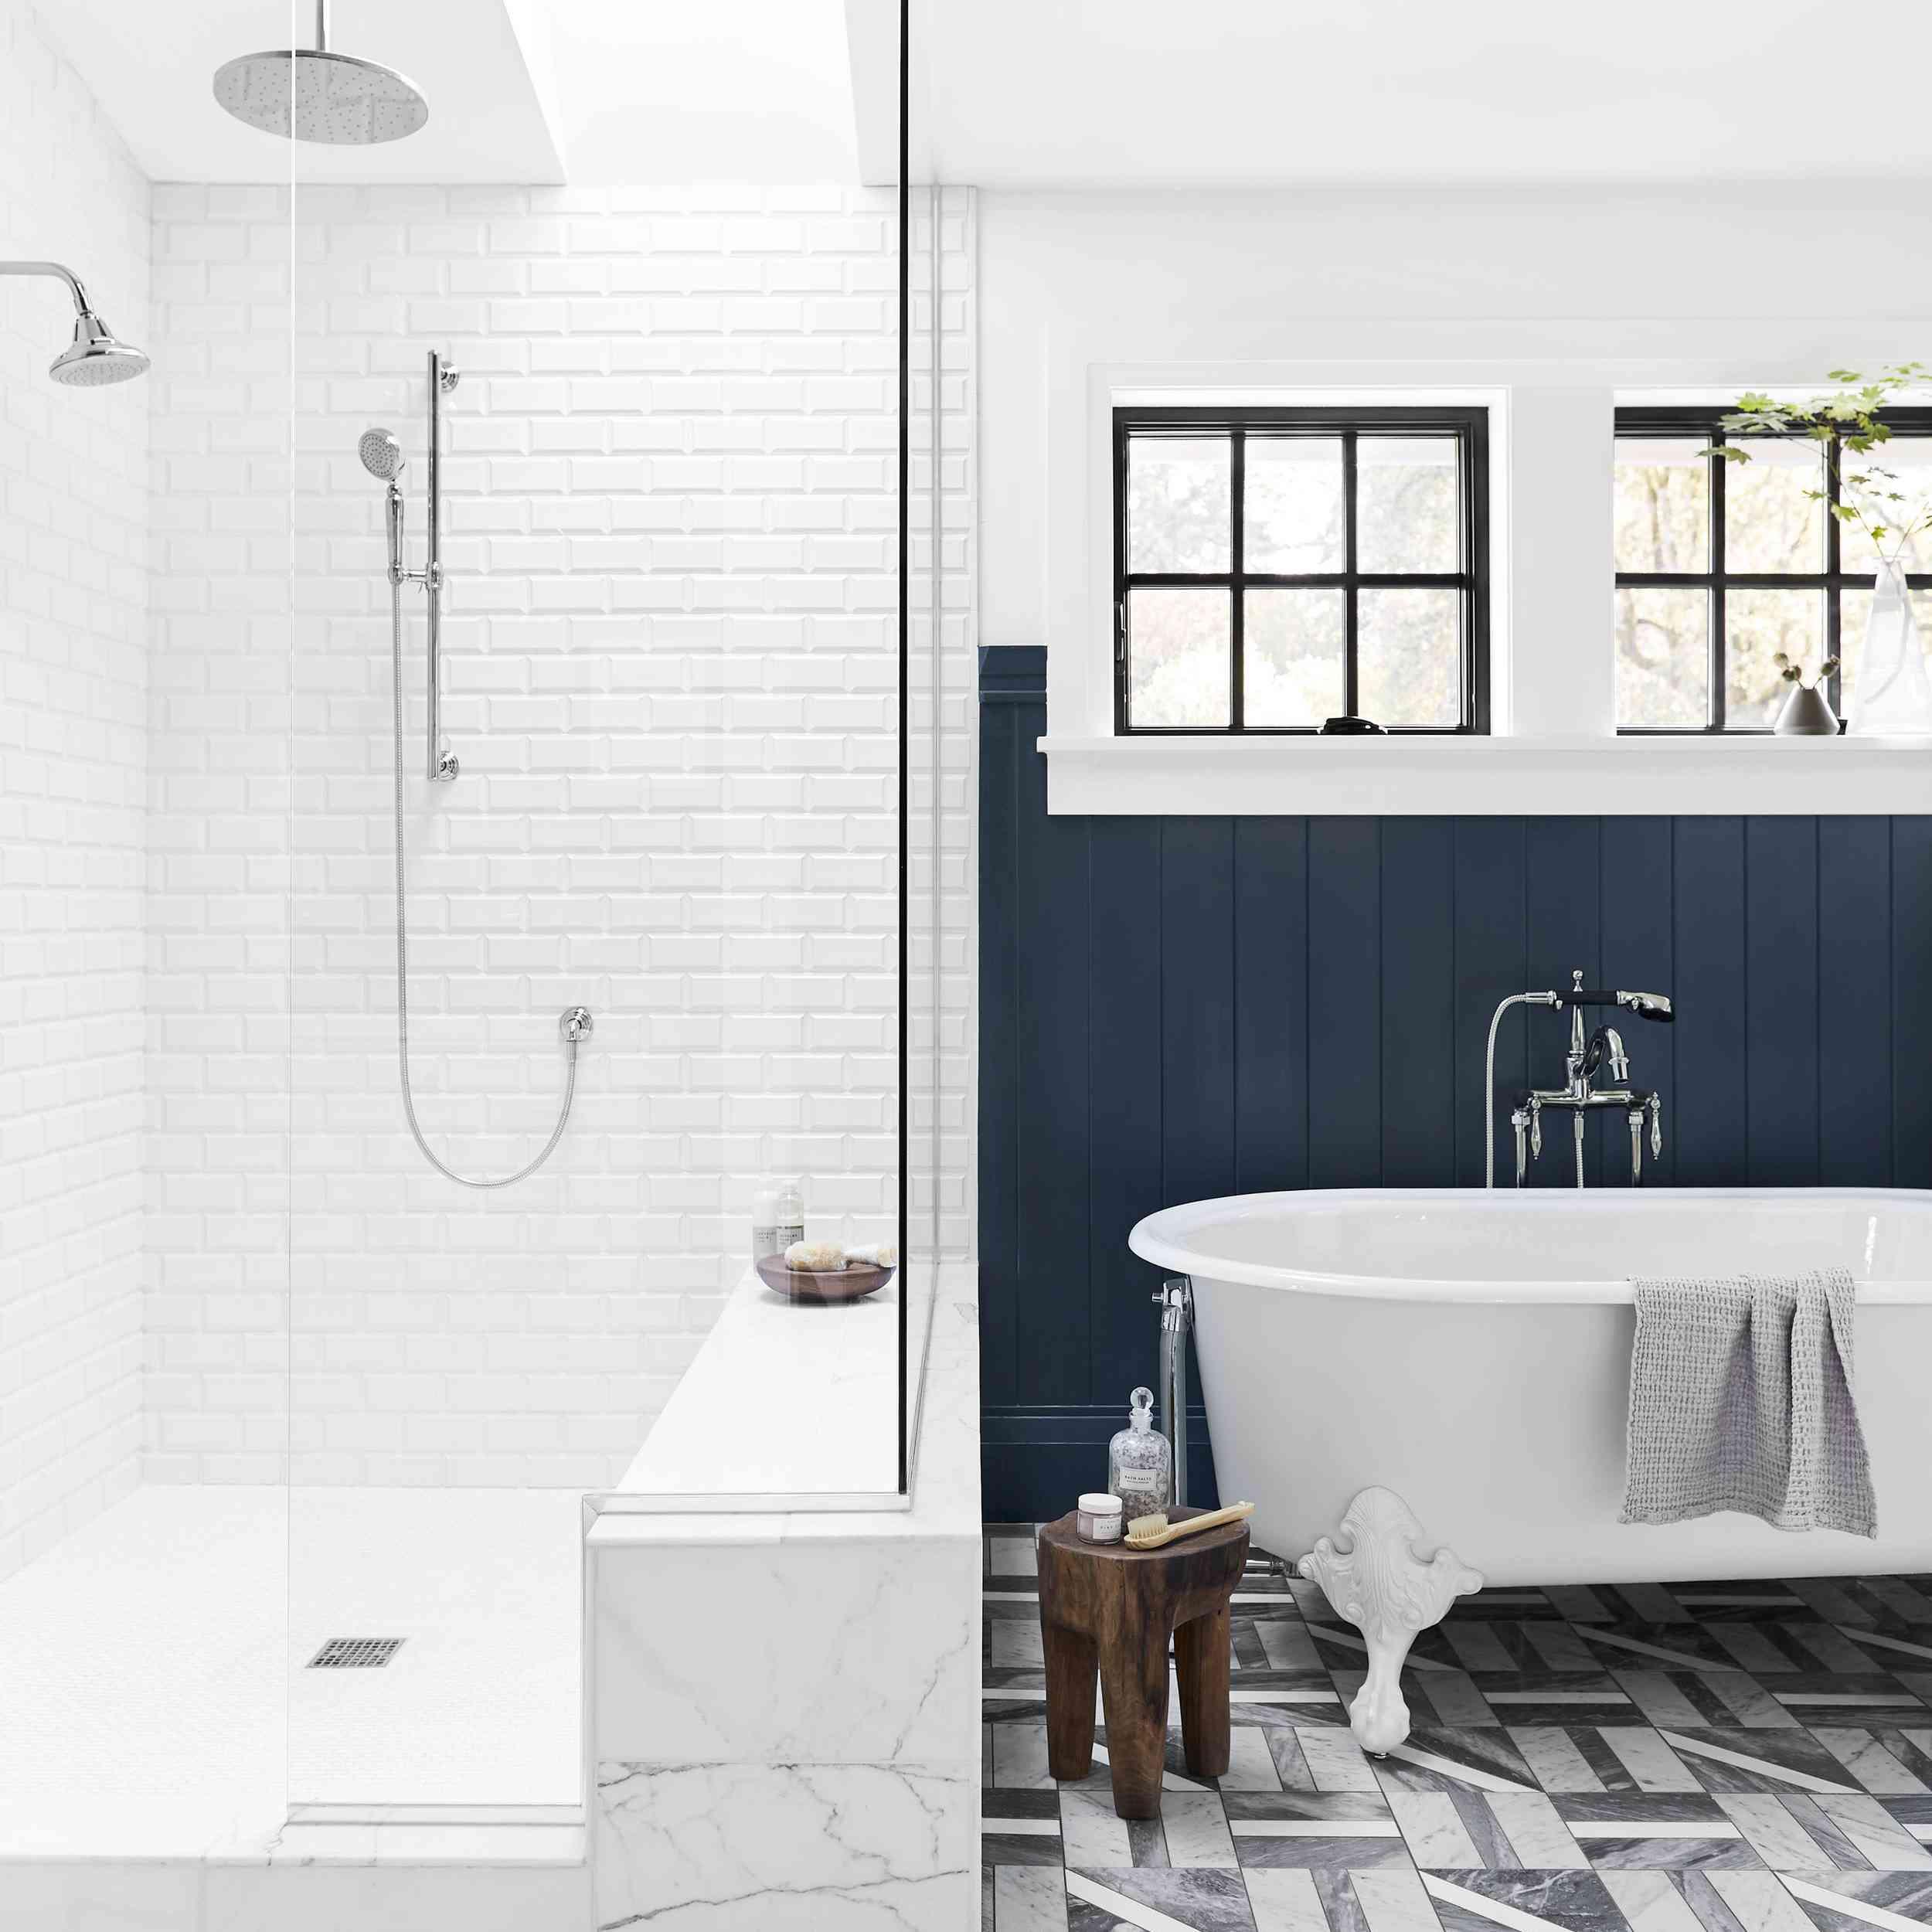 marble tile patterned floor in bathroom